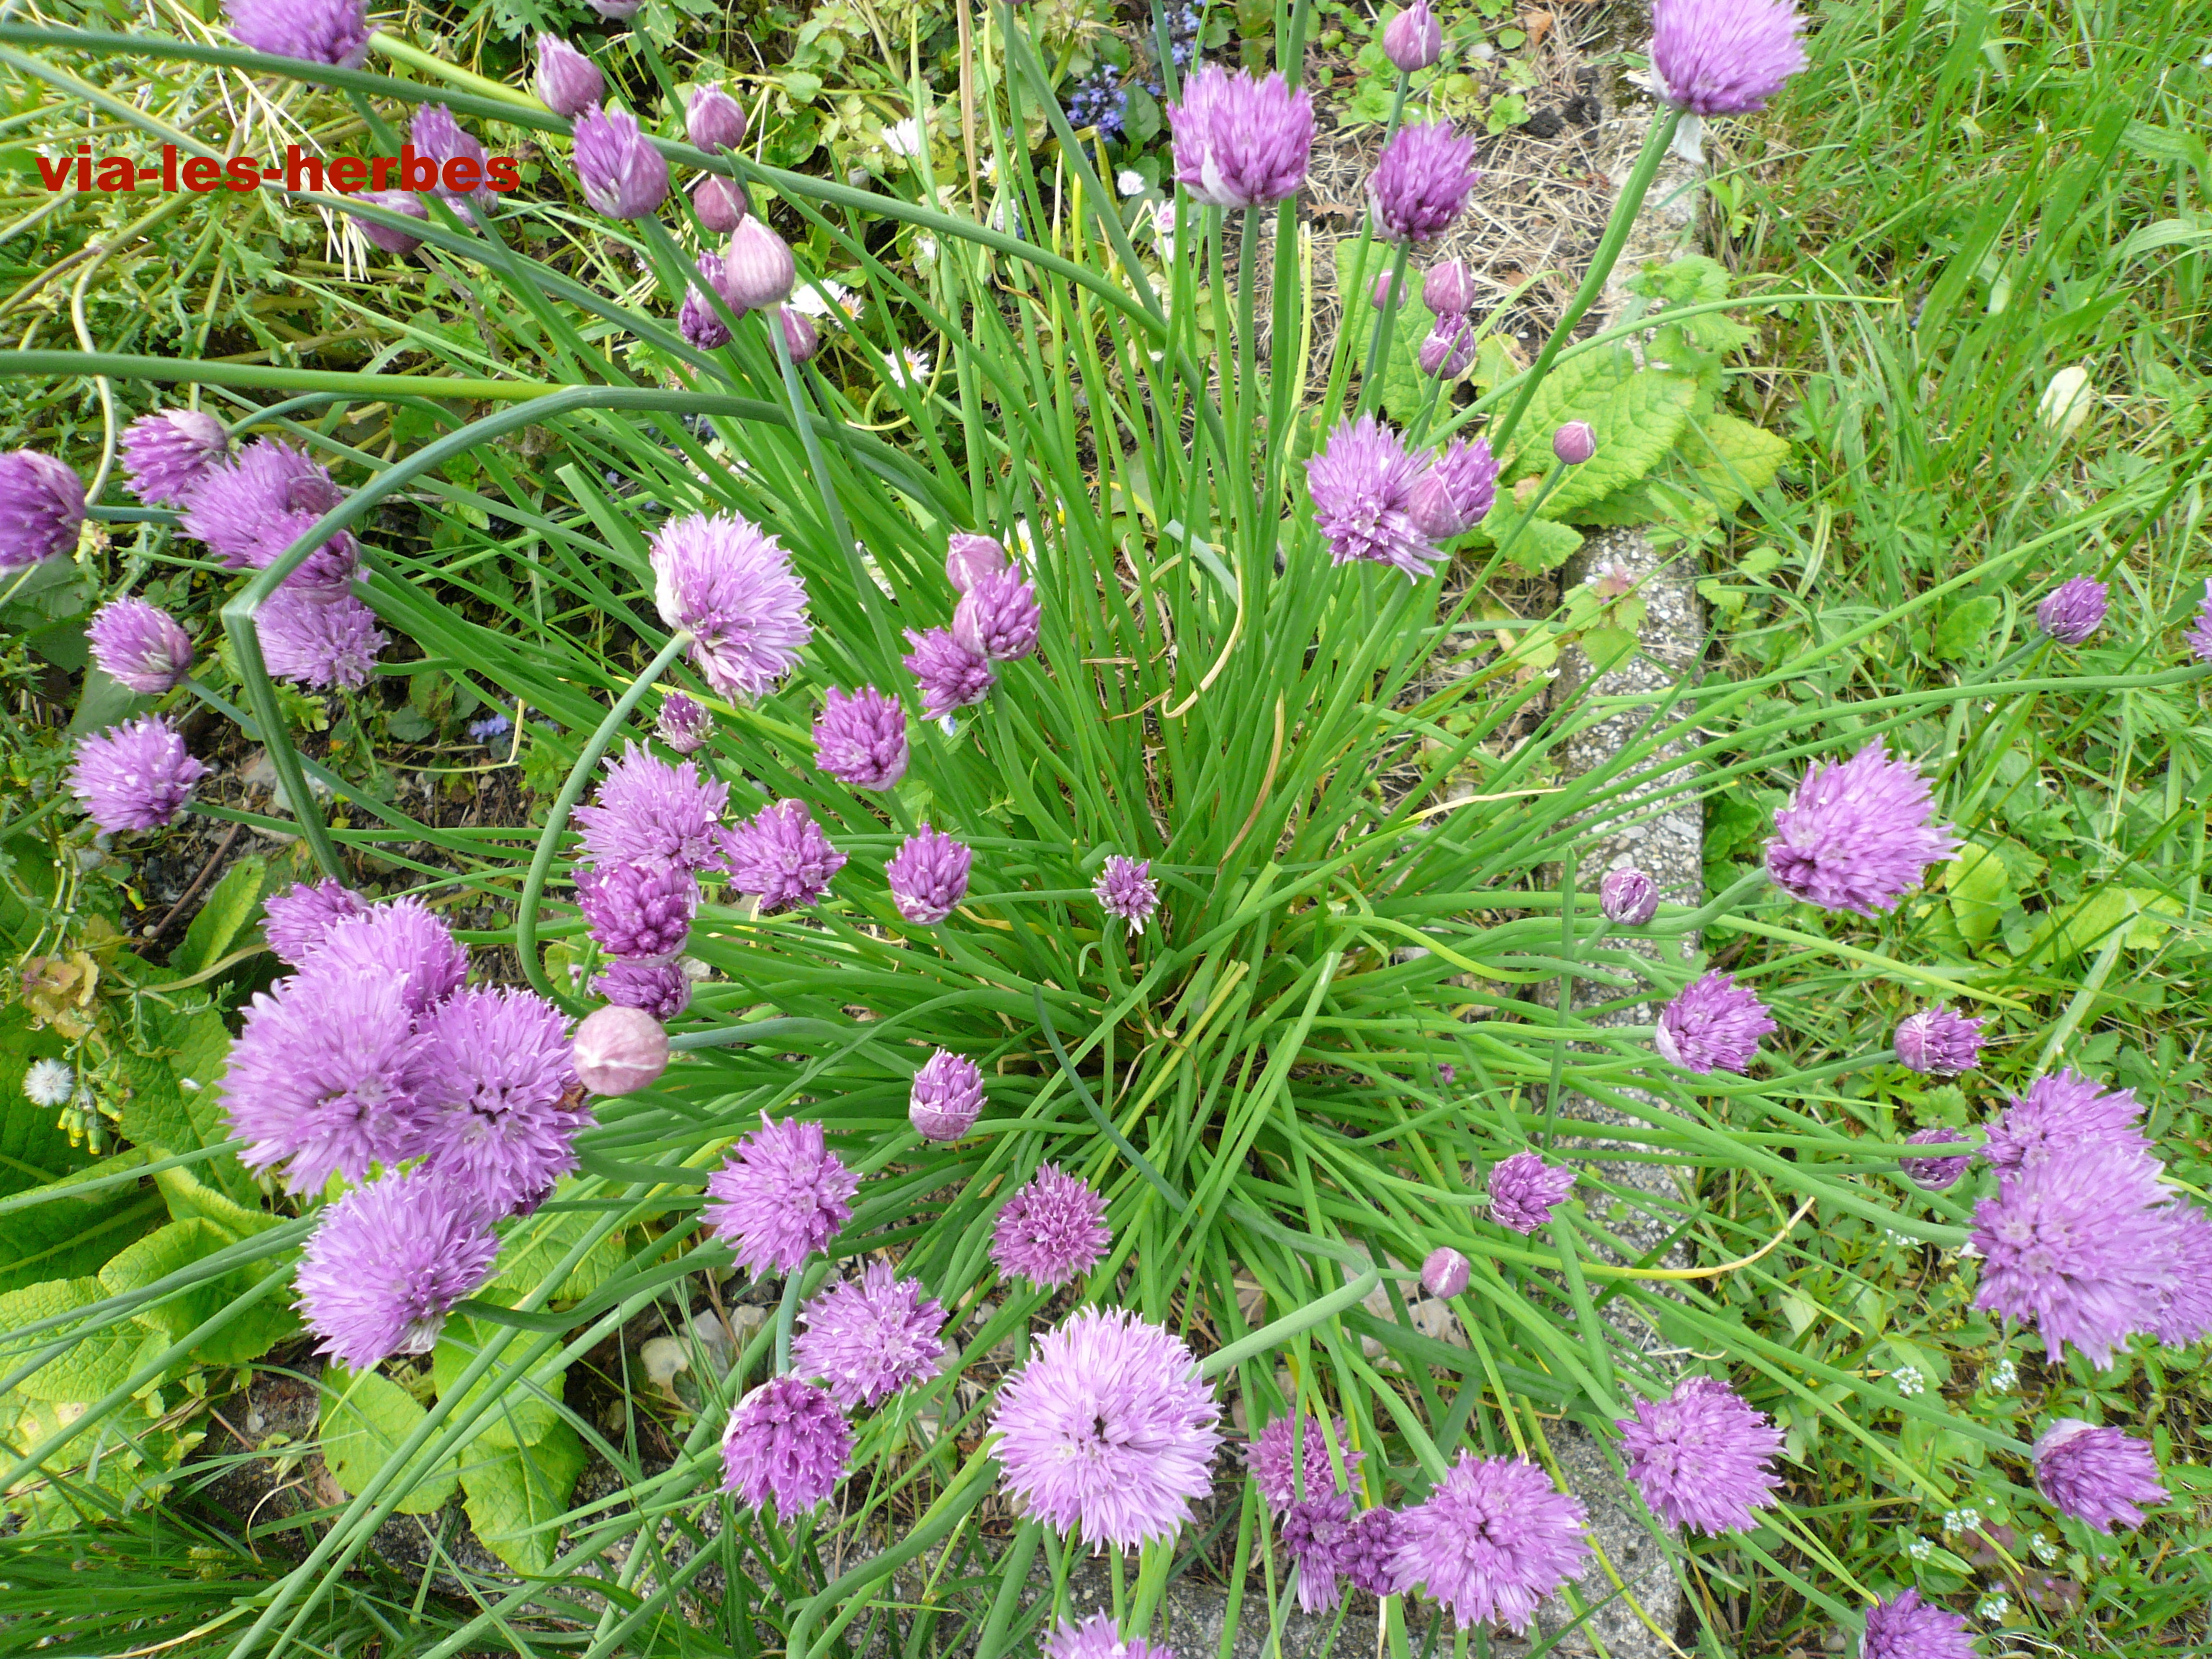 Plantes Aromatiques Sur Terrasse les plantes aromatiques: un atout pour la santé | via-les-herbes